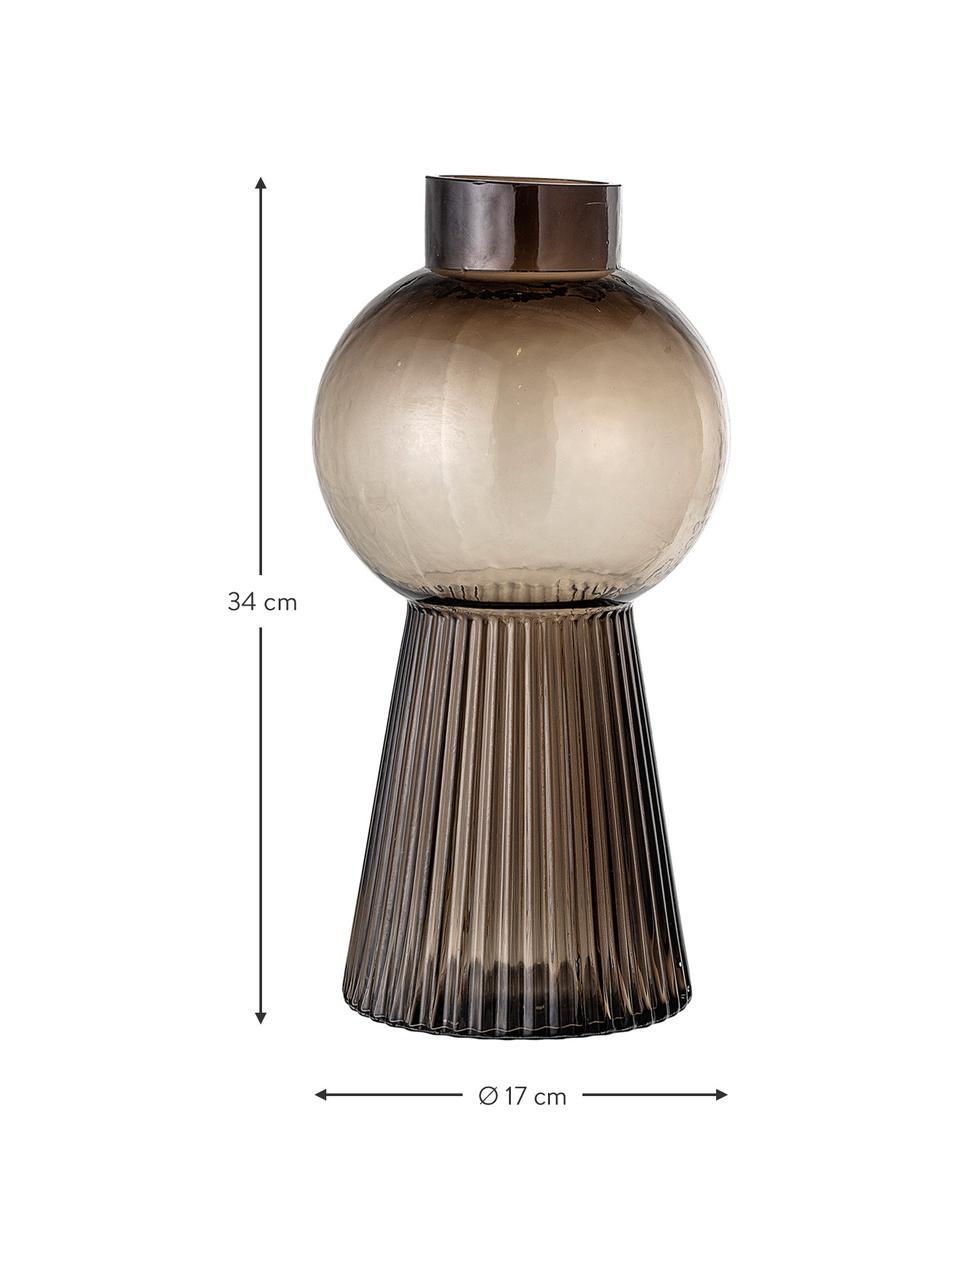 Große Glas-Vase Mola, Glas, Braun, transparent, Ø 17 x H 34 cm